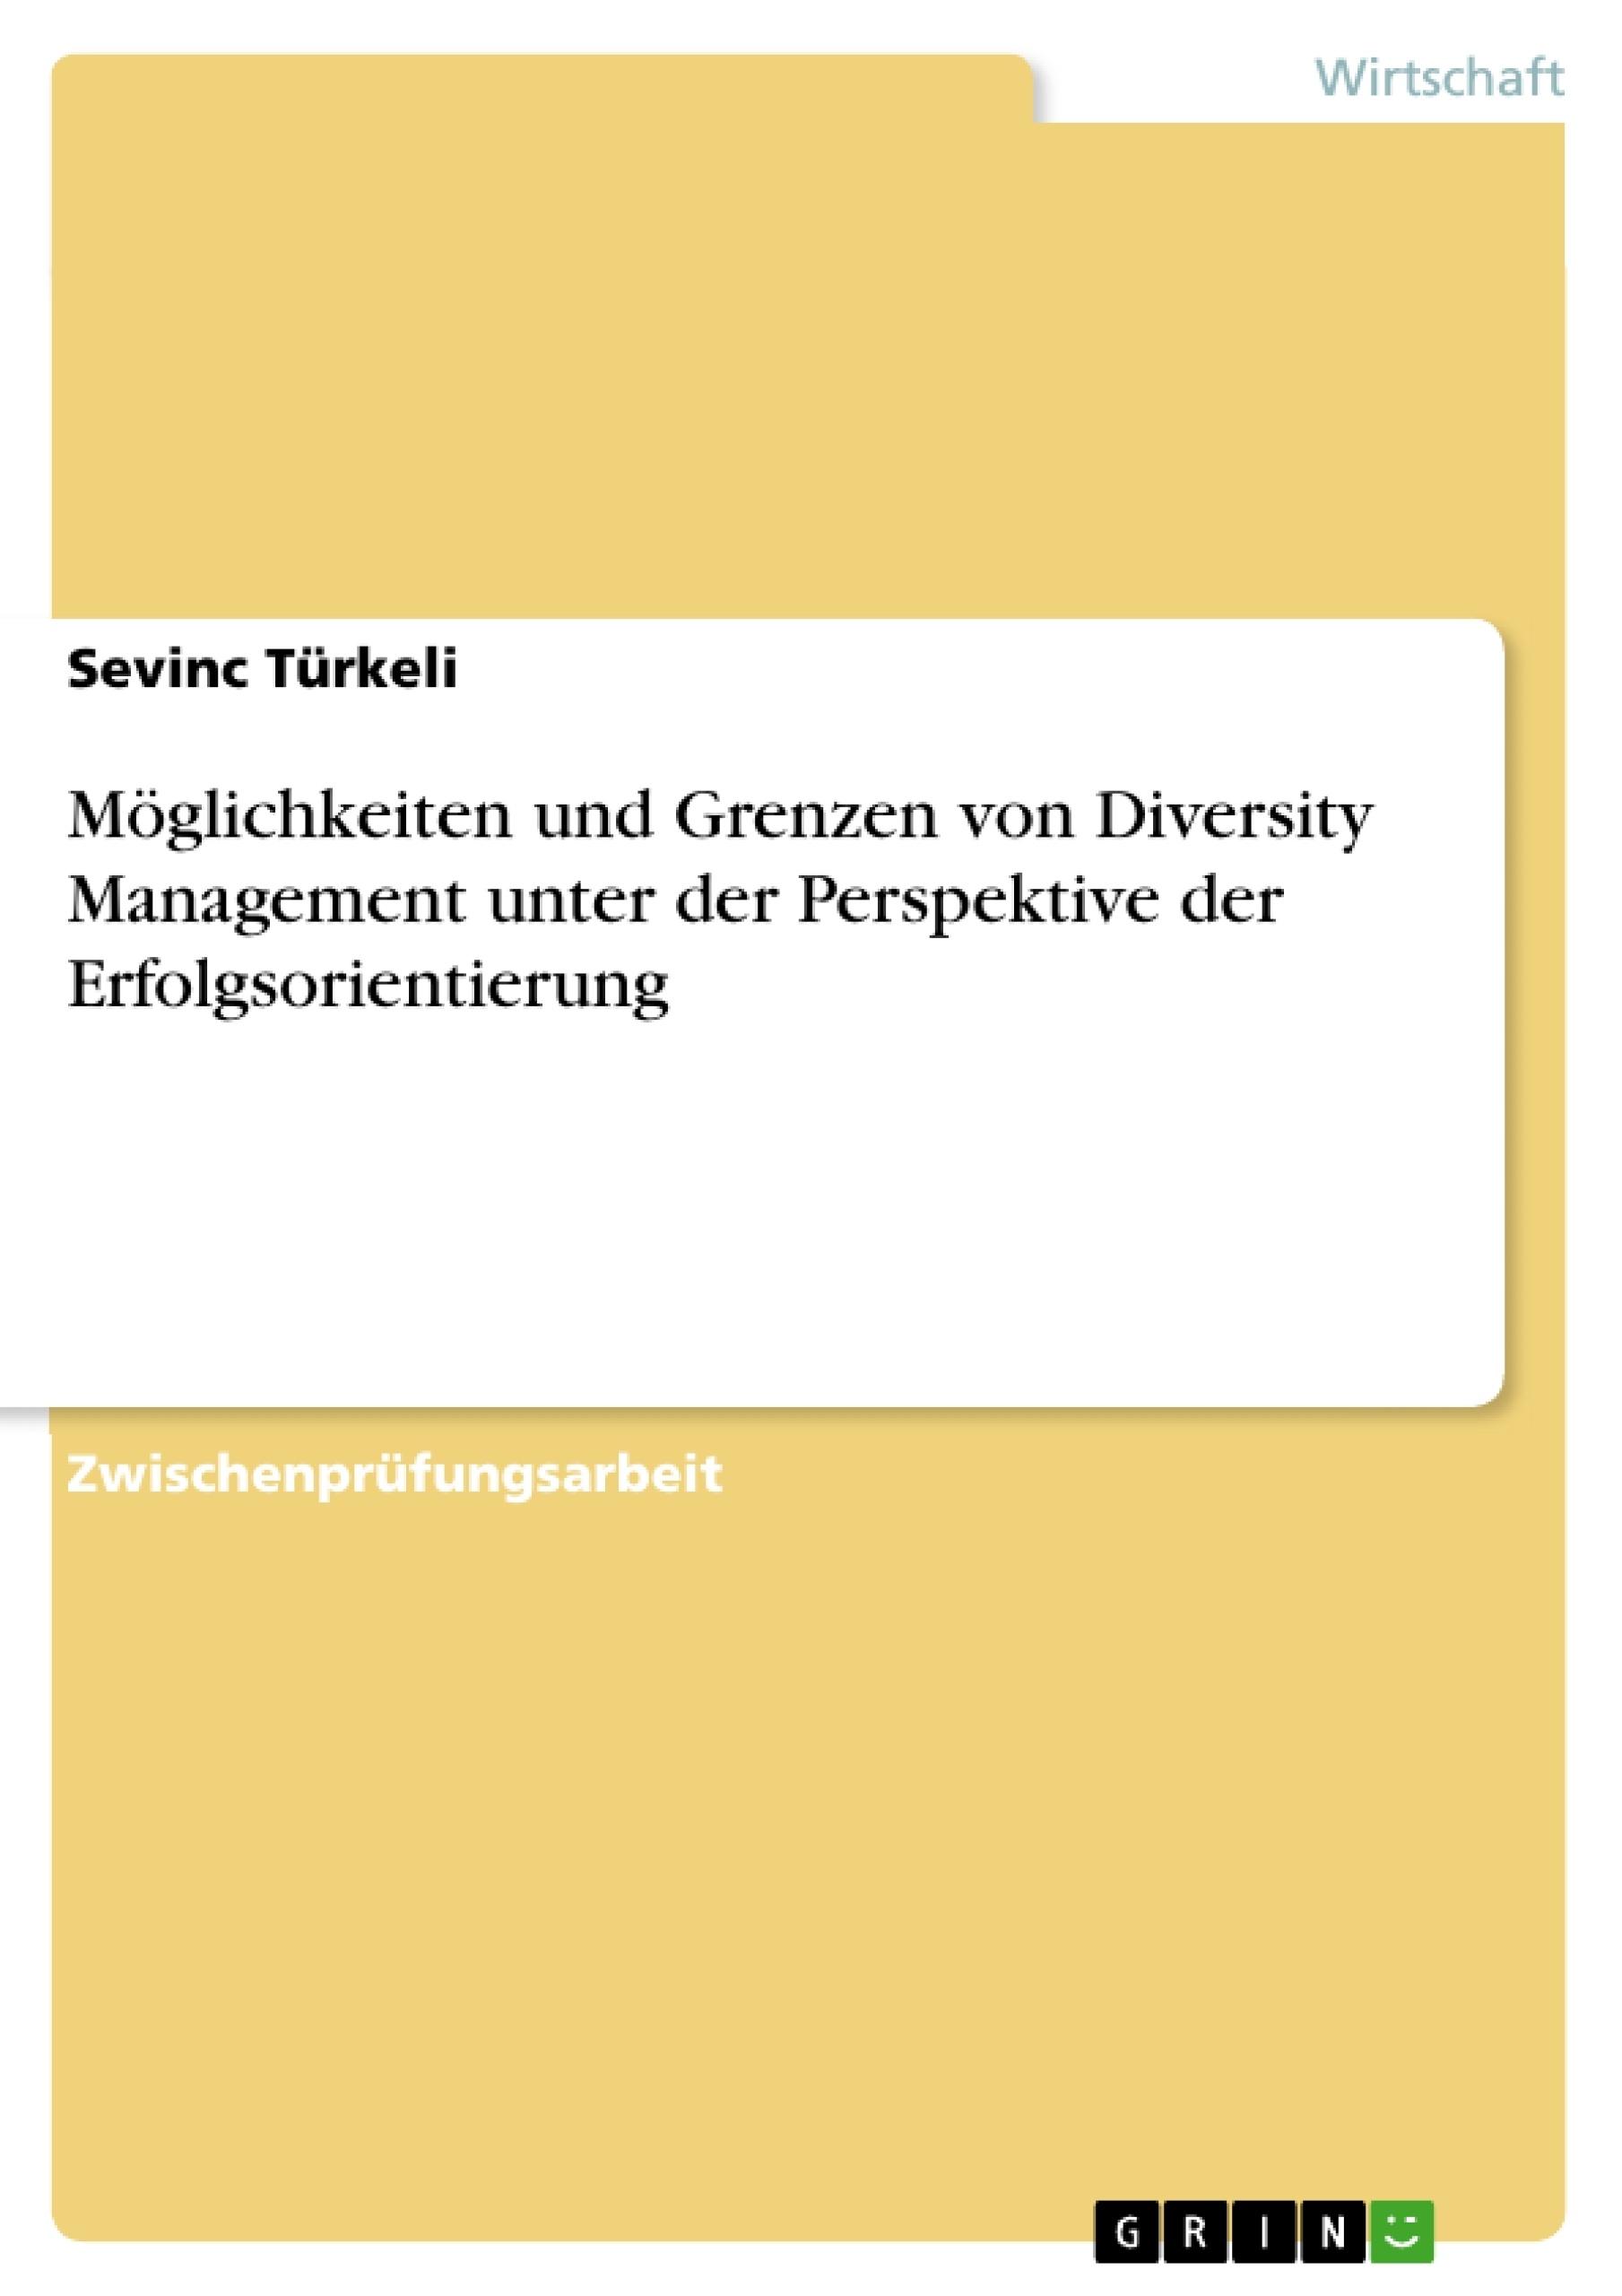 Titel: Möglichkeiten und Grenzen von Diversity Management unter der Perspektive der Erfolgsorientierung